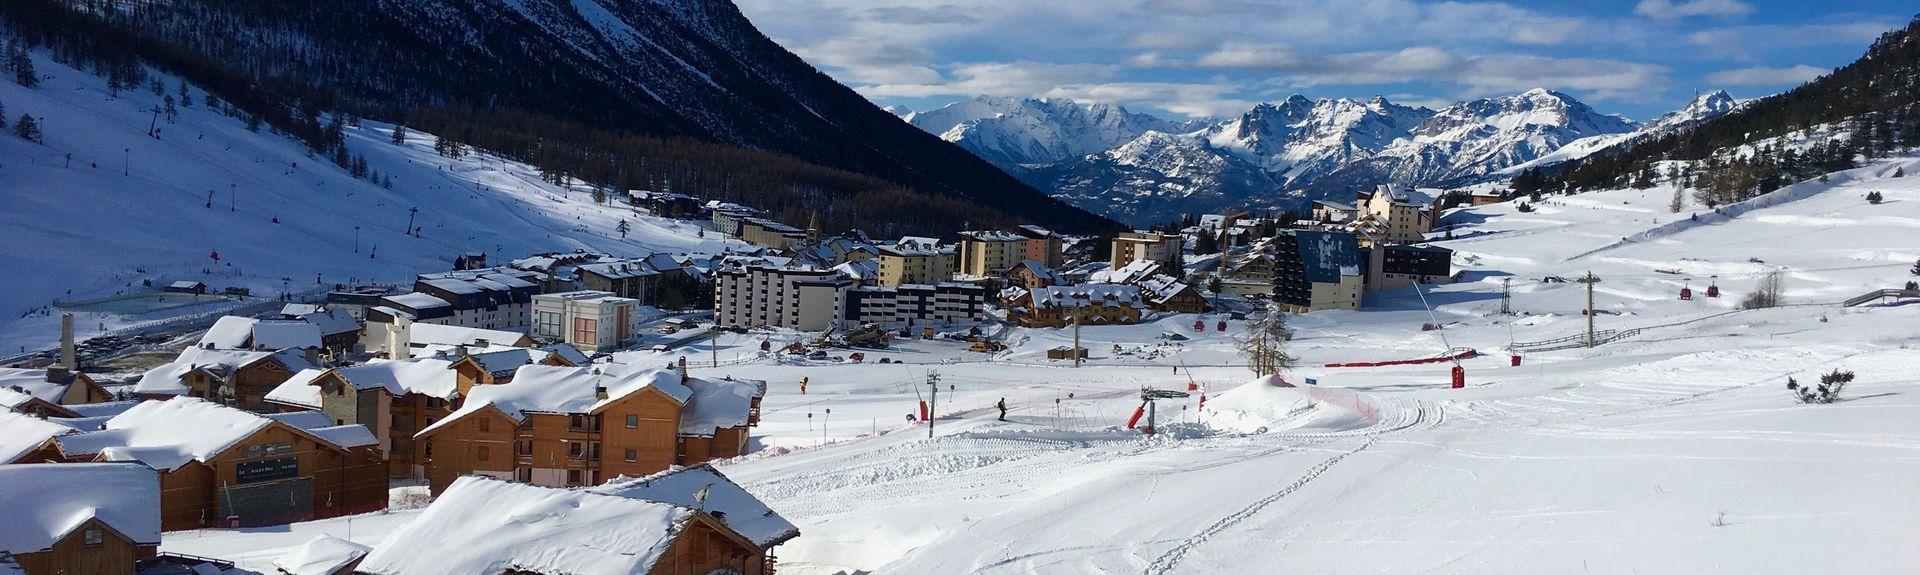 Montgenèvre, Hautes-Alpes, France